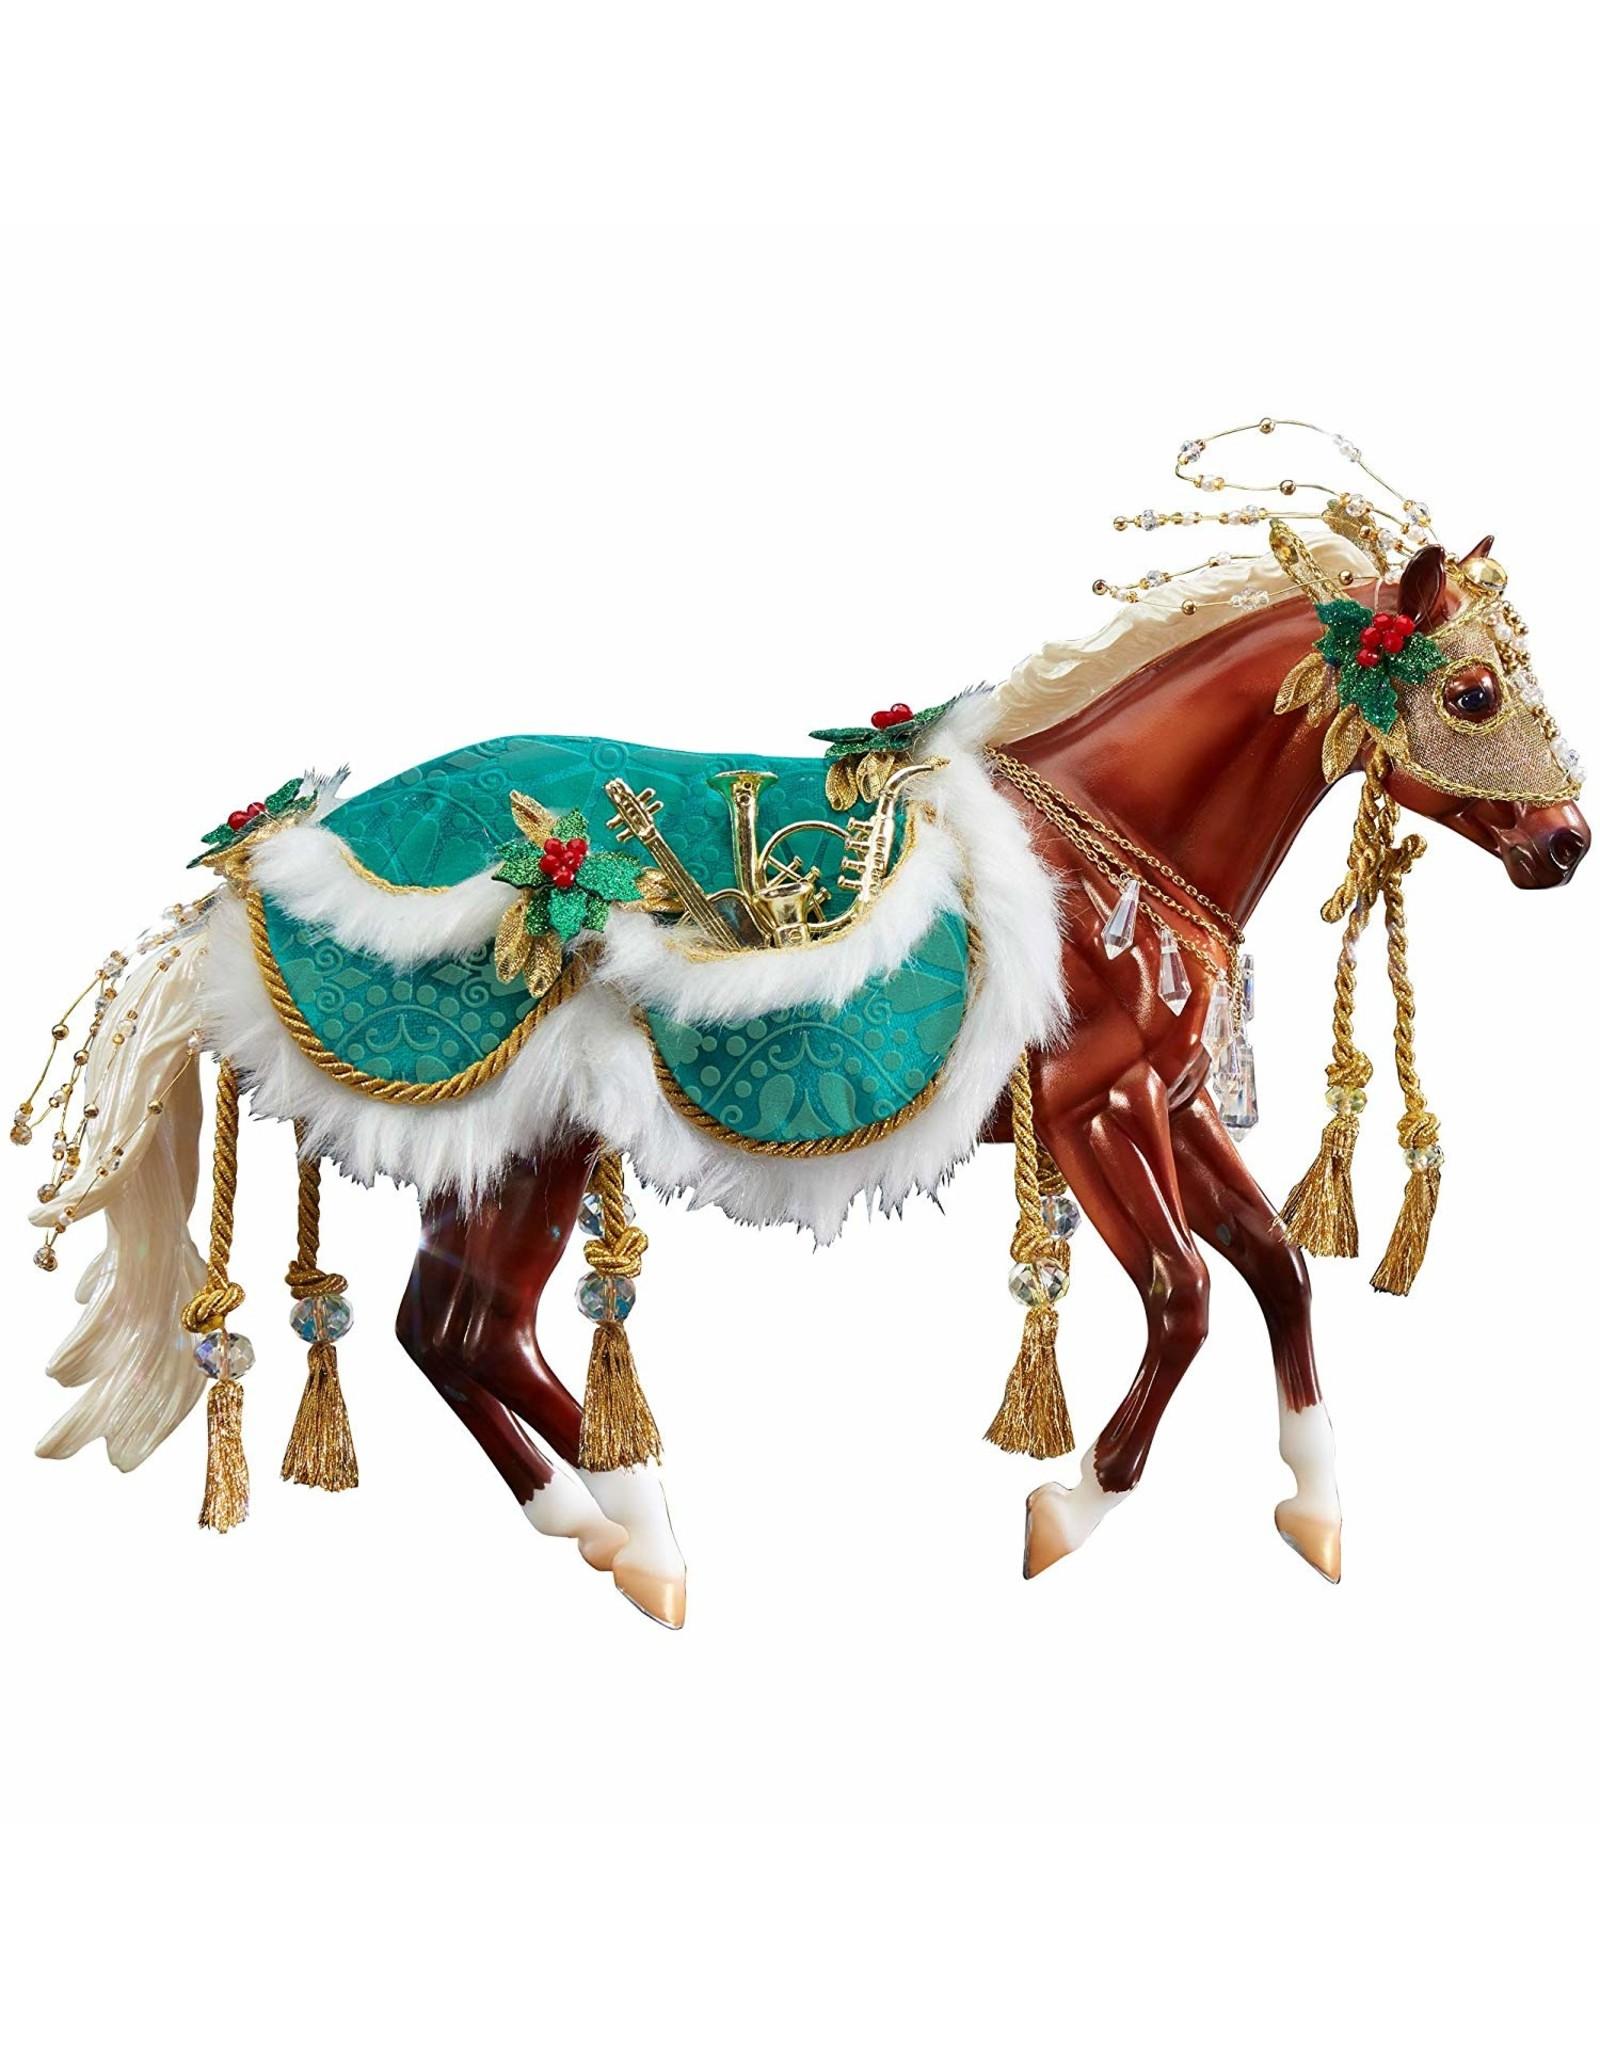 Breyer Minstrel - 2019 Holiday Horse